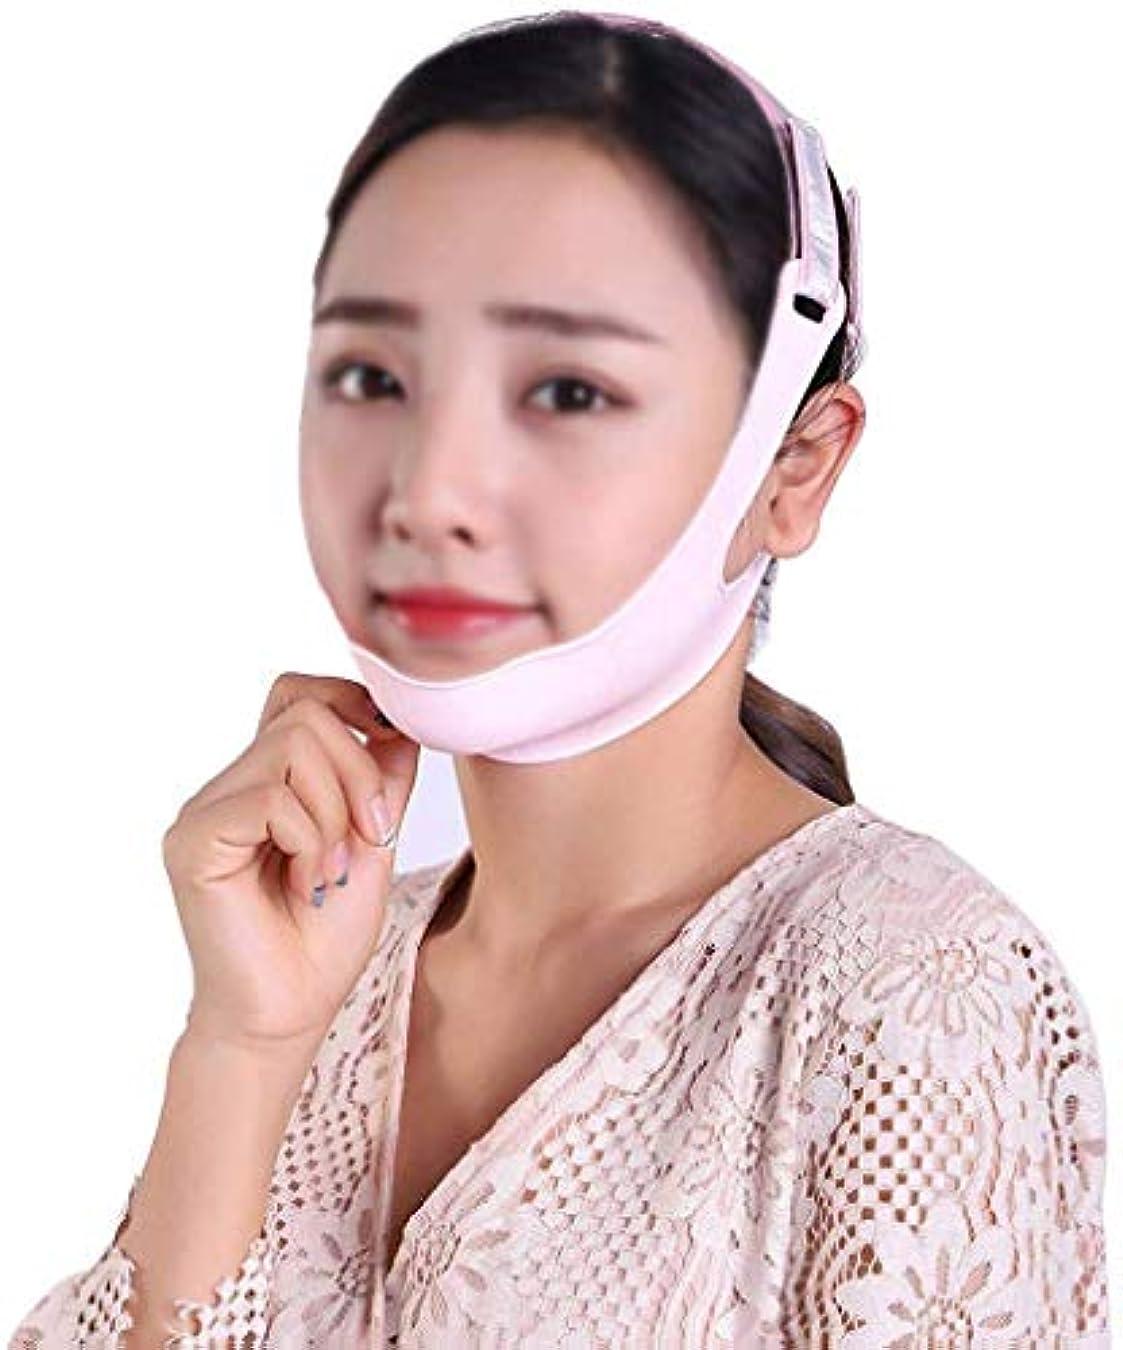 ポイントロイヤリティ漂流美容と実用的なフェイスリフトマスク、シリコンVフェイスマスクファーミング、リフティングフェイス、バンデージスモールVフェイスアーティファクトリラクゼーションフェイスとネックリフトの防止(サイズ:L)